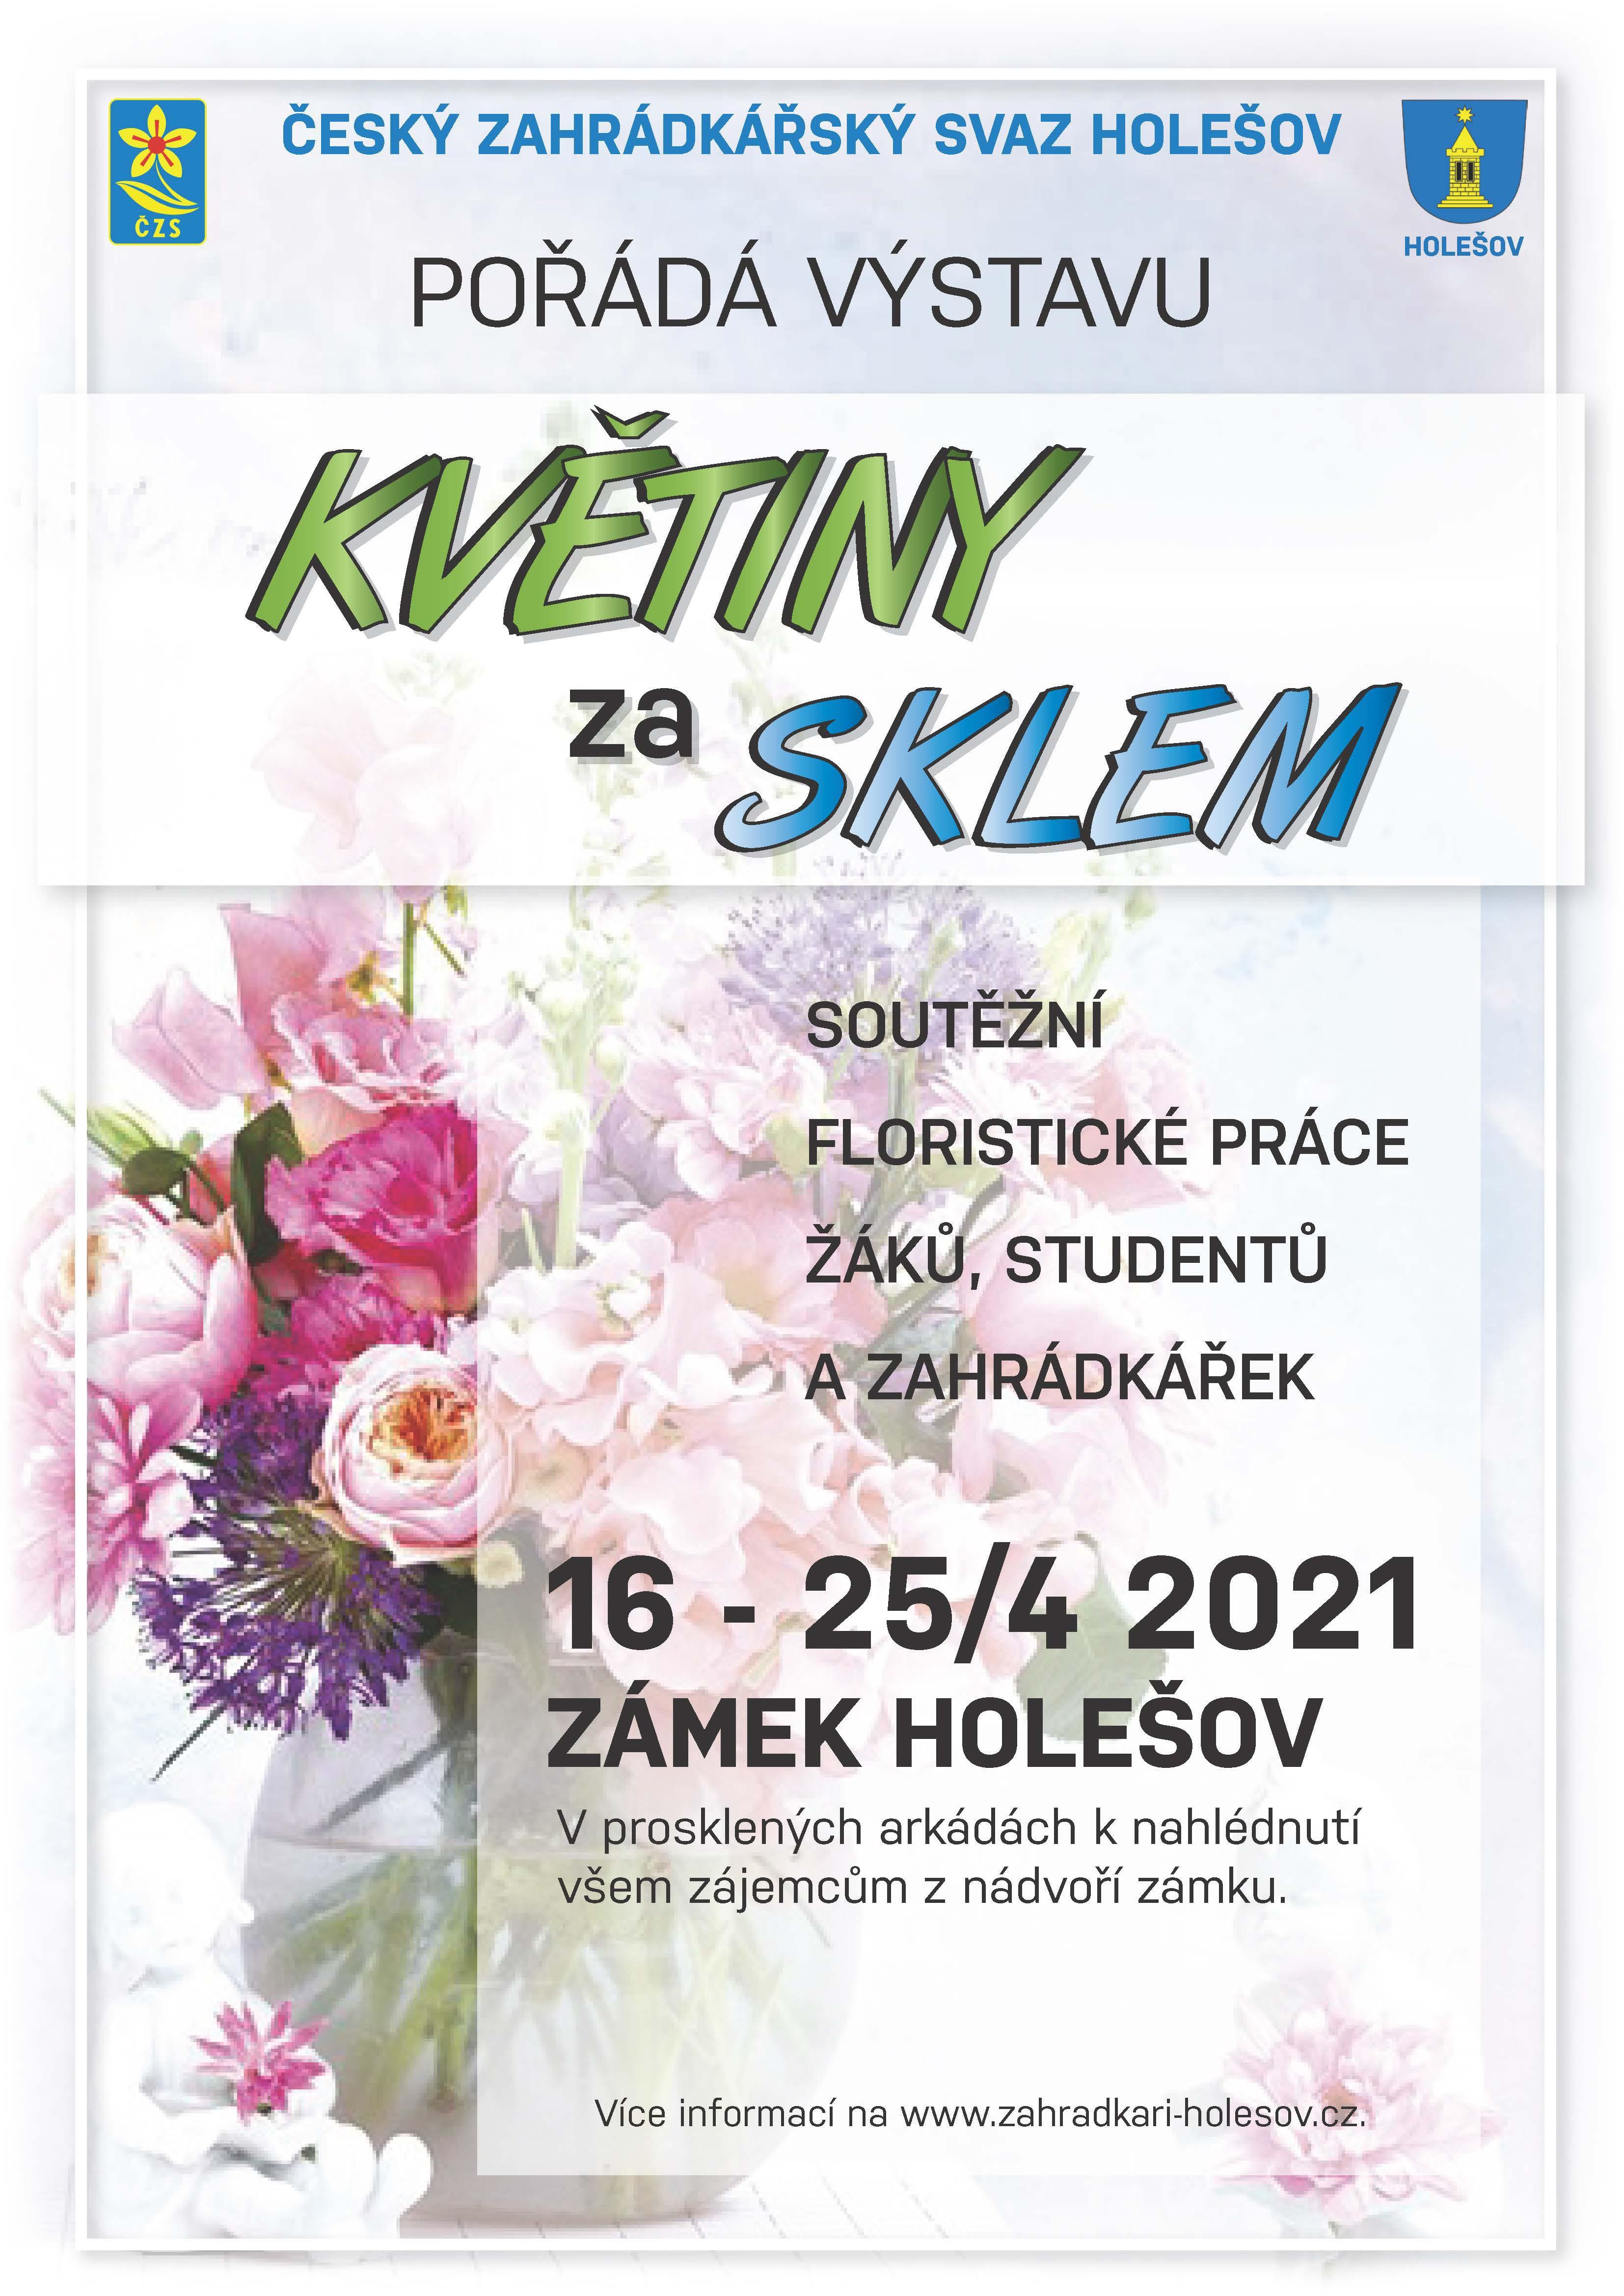 kvetiny-za-sklem-2021-6.jpg